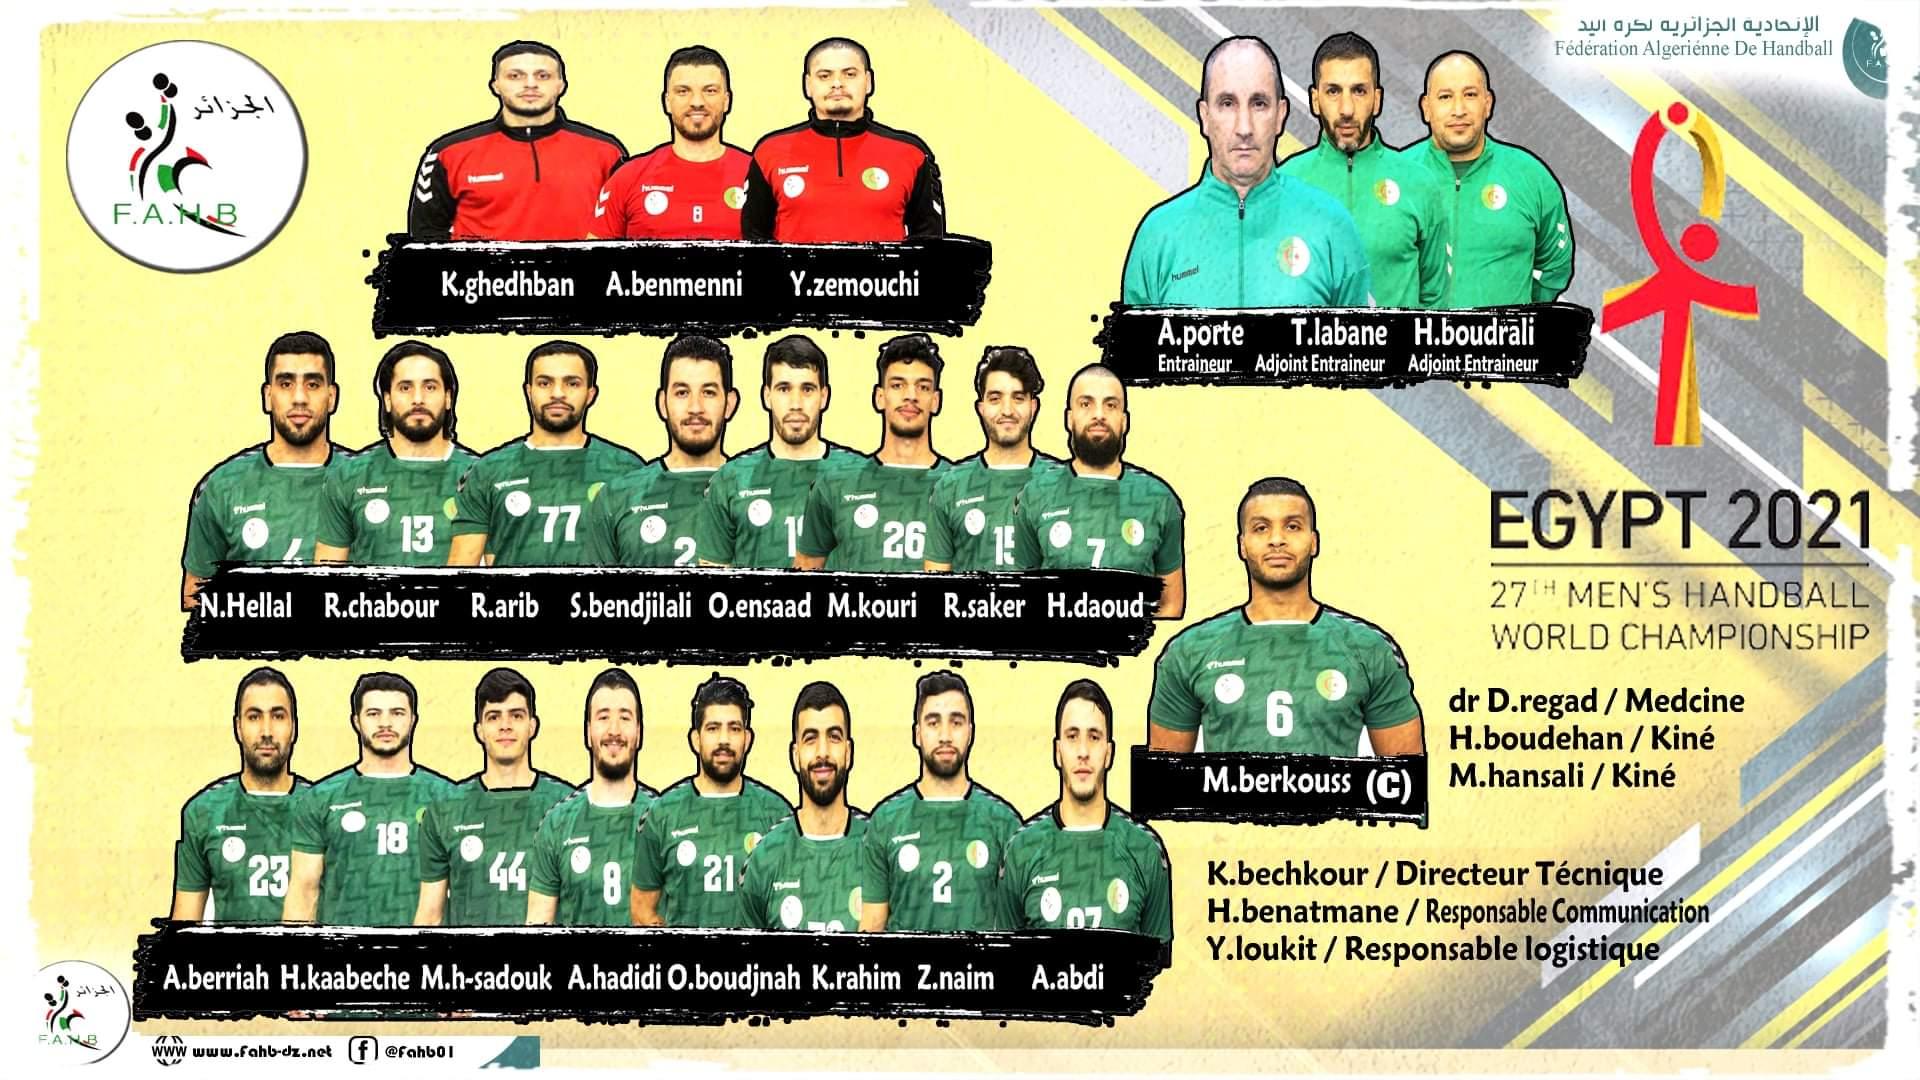 بطولة العالم لكرة اليد: آلان بورت يكشف عن القائمة النهائية للمنتخب الجزائري